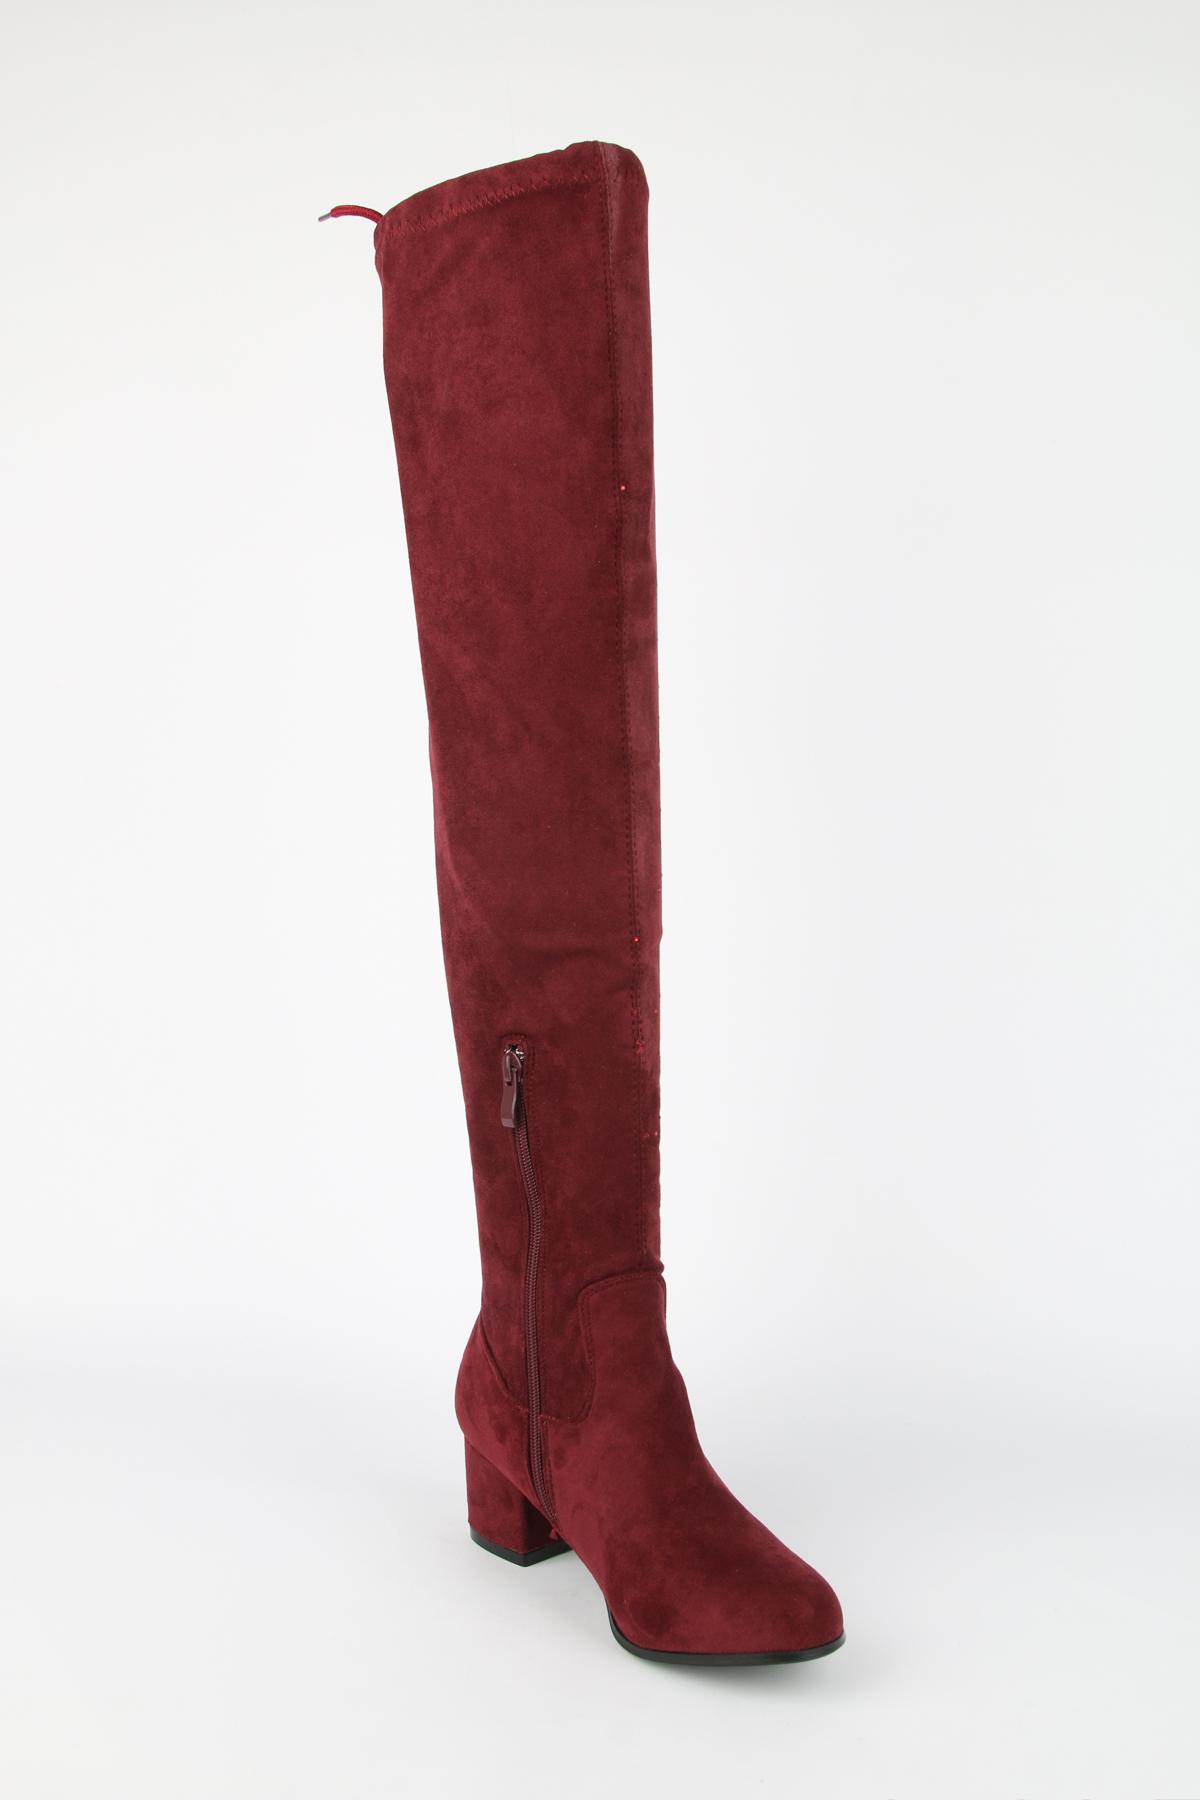 Bottes Chaussures Bordeaux WILEDI SO-23 #c eFashion Paris